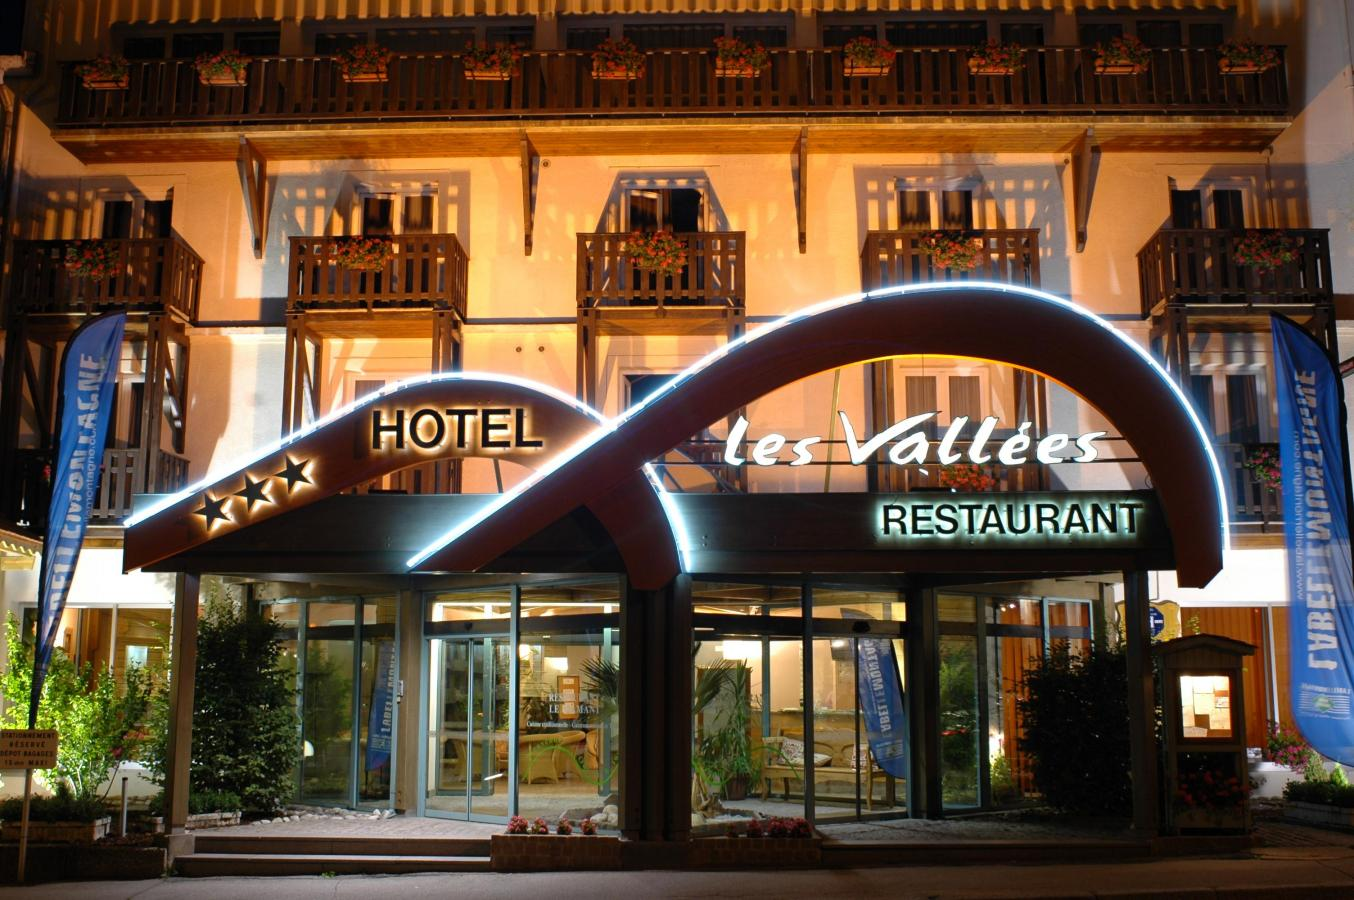 Locazione Hotel Les Vallees